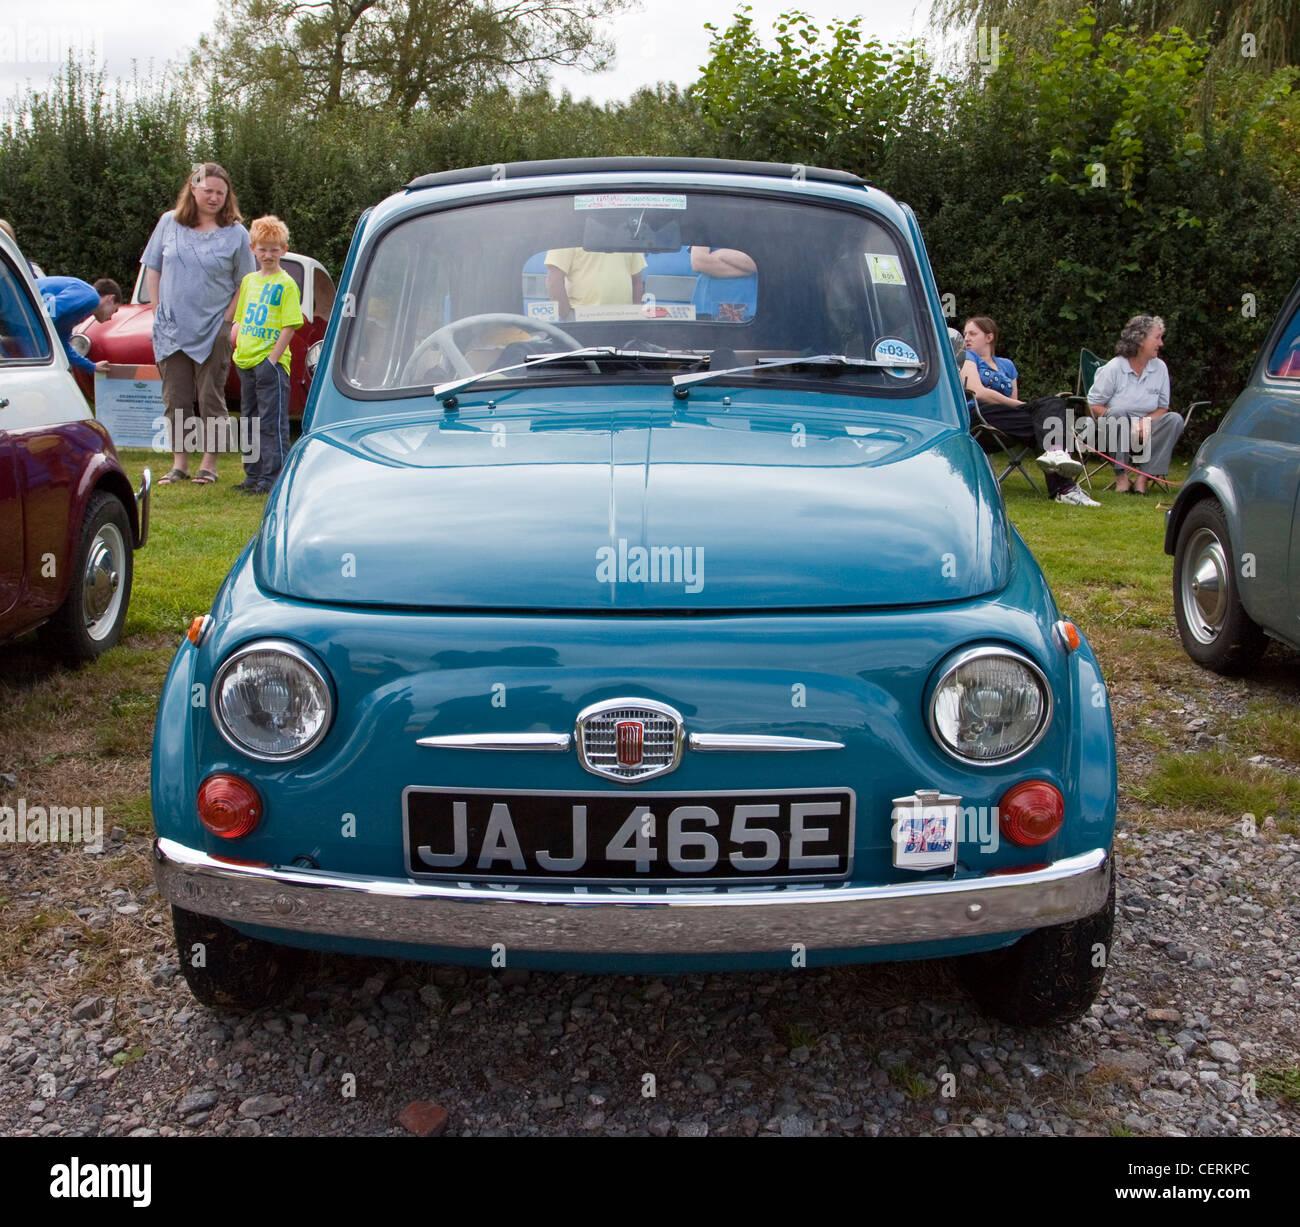 Vintage Fiat 500 Version Originale A Une Exposition De Voiture